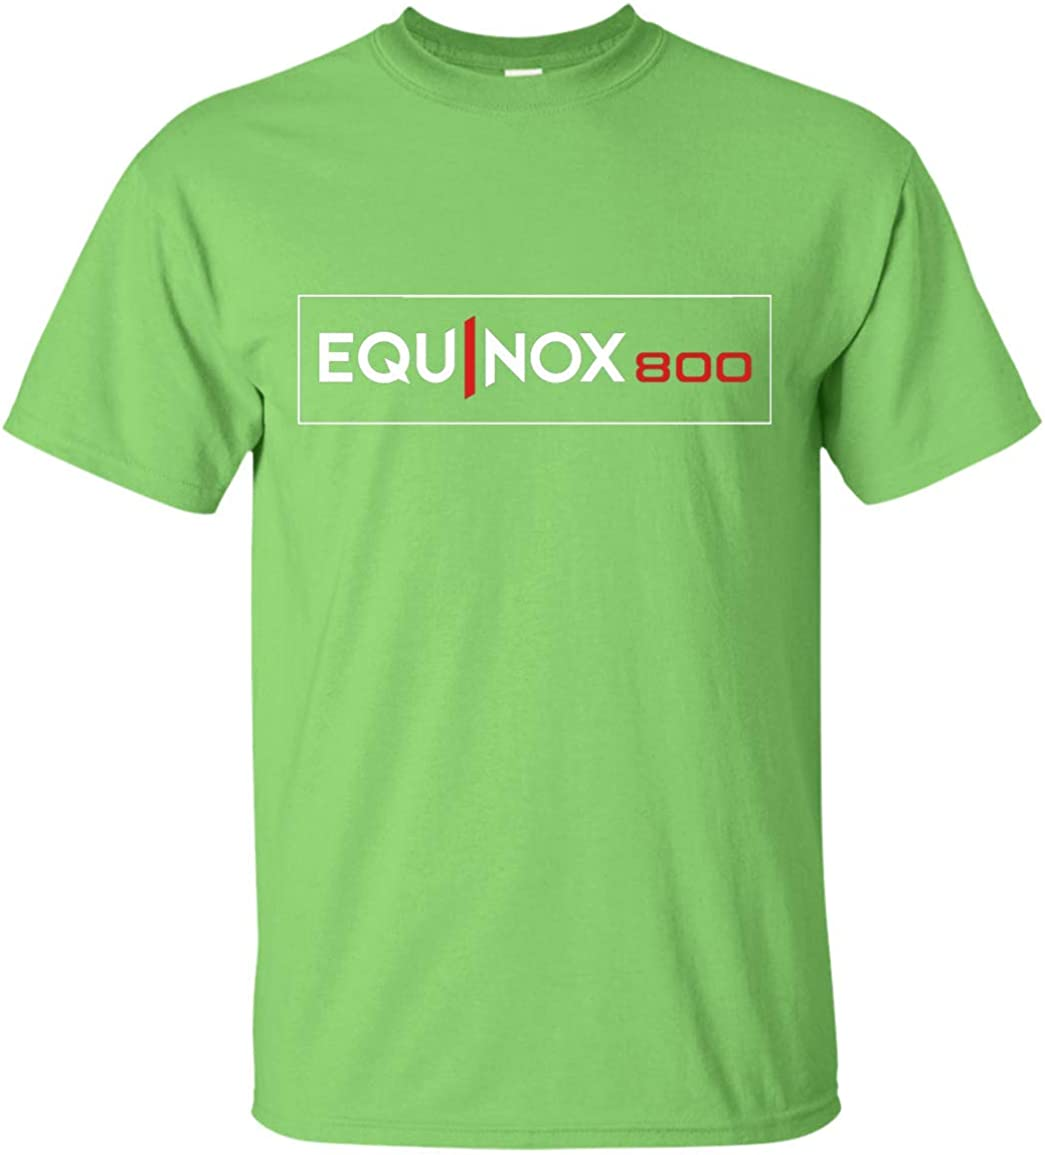 teelaunch Equinox 800 by Minelab - Camiseta con Detector de Metales - Azul - XX-Large: Amazon.es: Ropa y accesorios